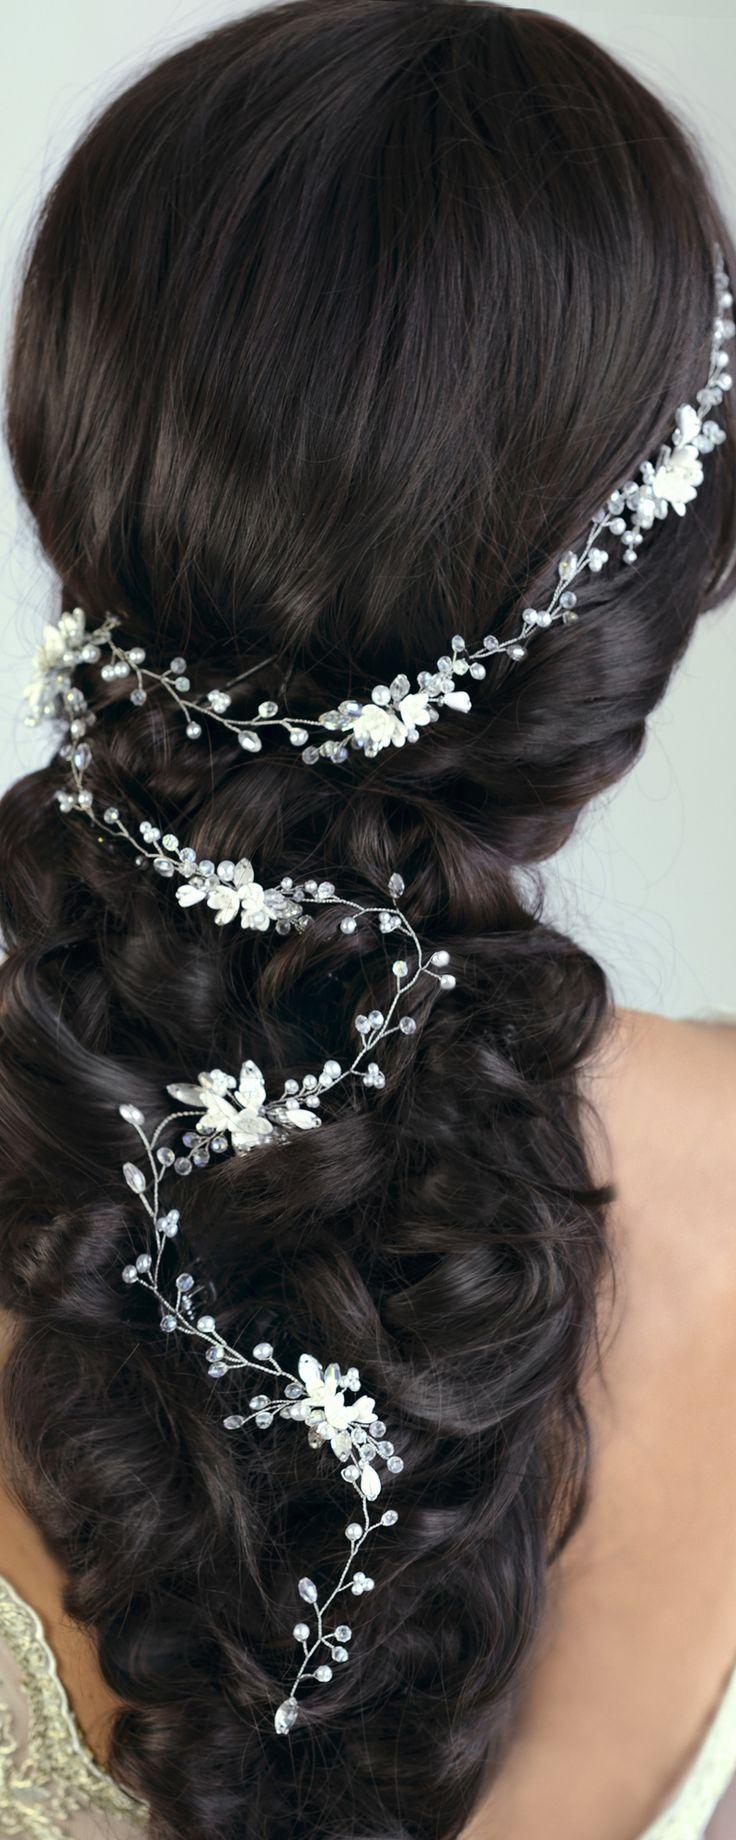 Mariage - Bridal Hair Vine Wedding Hair Vine Flower Hair Vine Long Hair Vine Gold Pearl Hair Vine Bohemian Bridal Headpiece